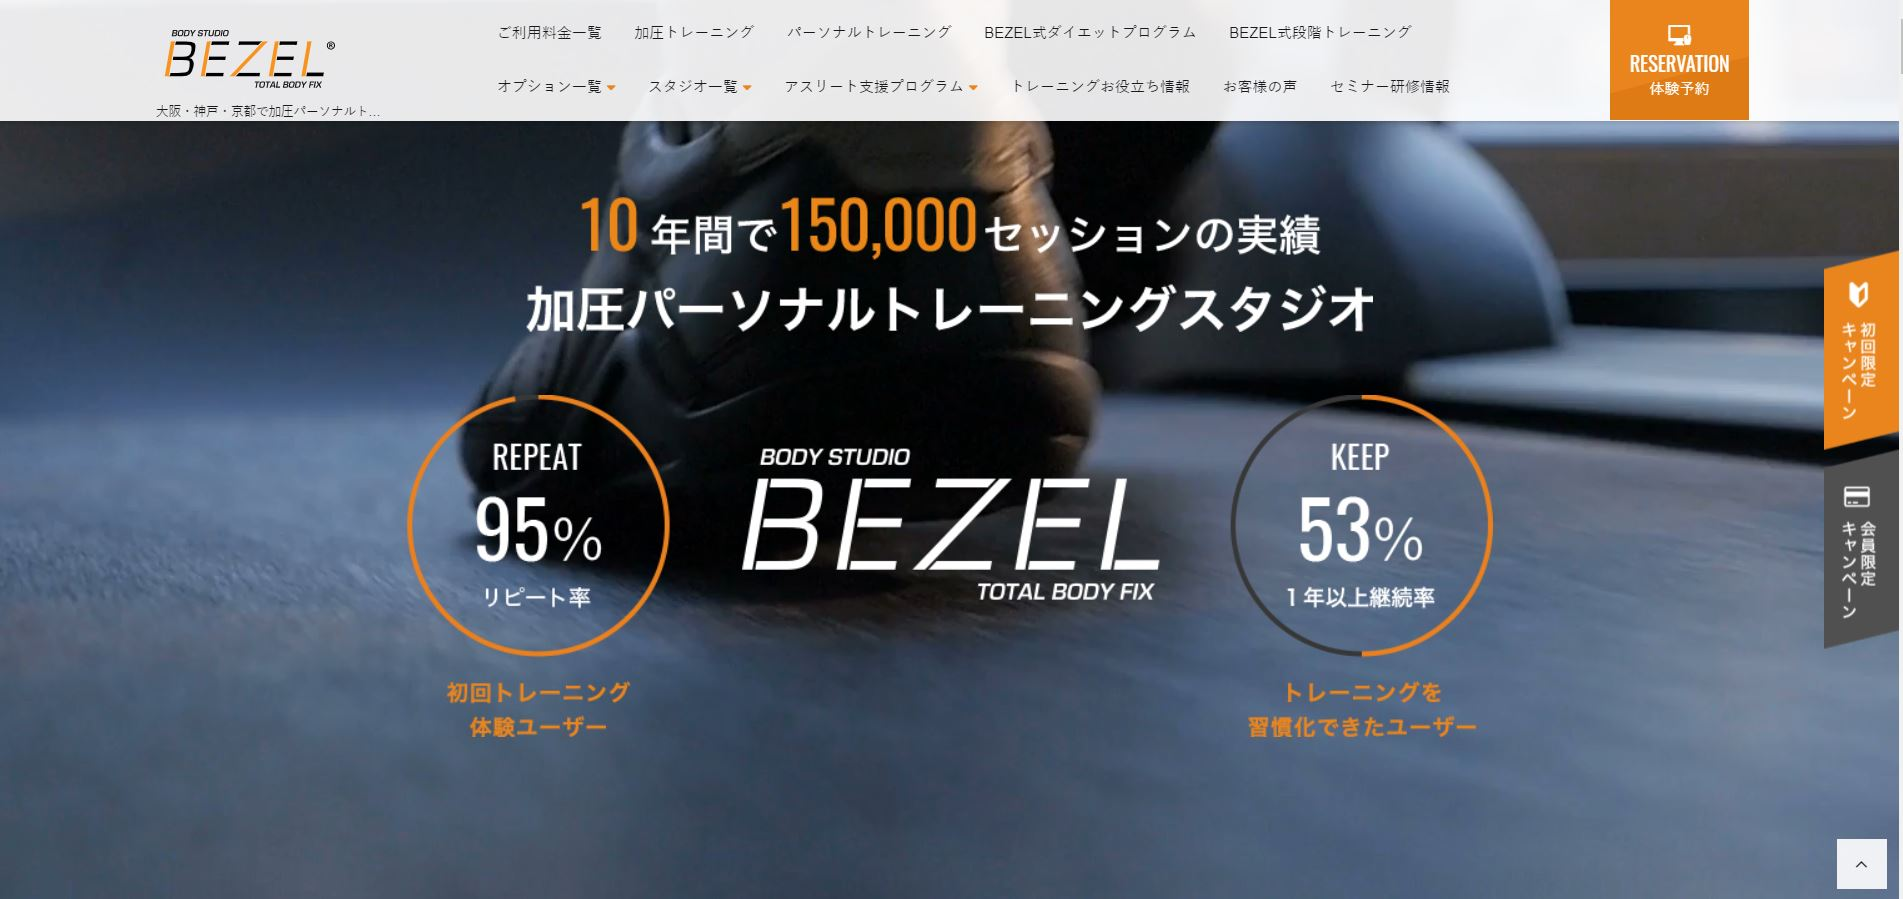 BEZEL(ベゼル) 東急オアシスあべの店